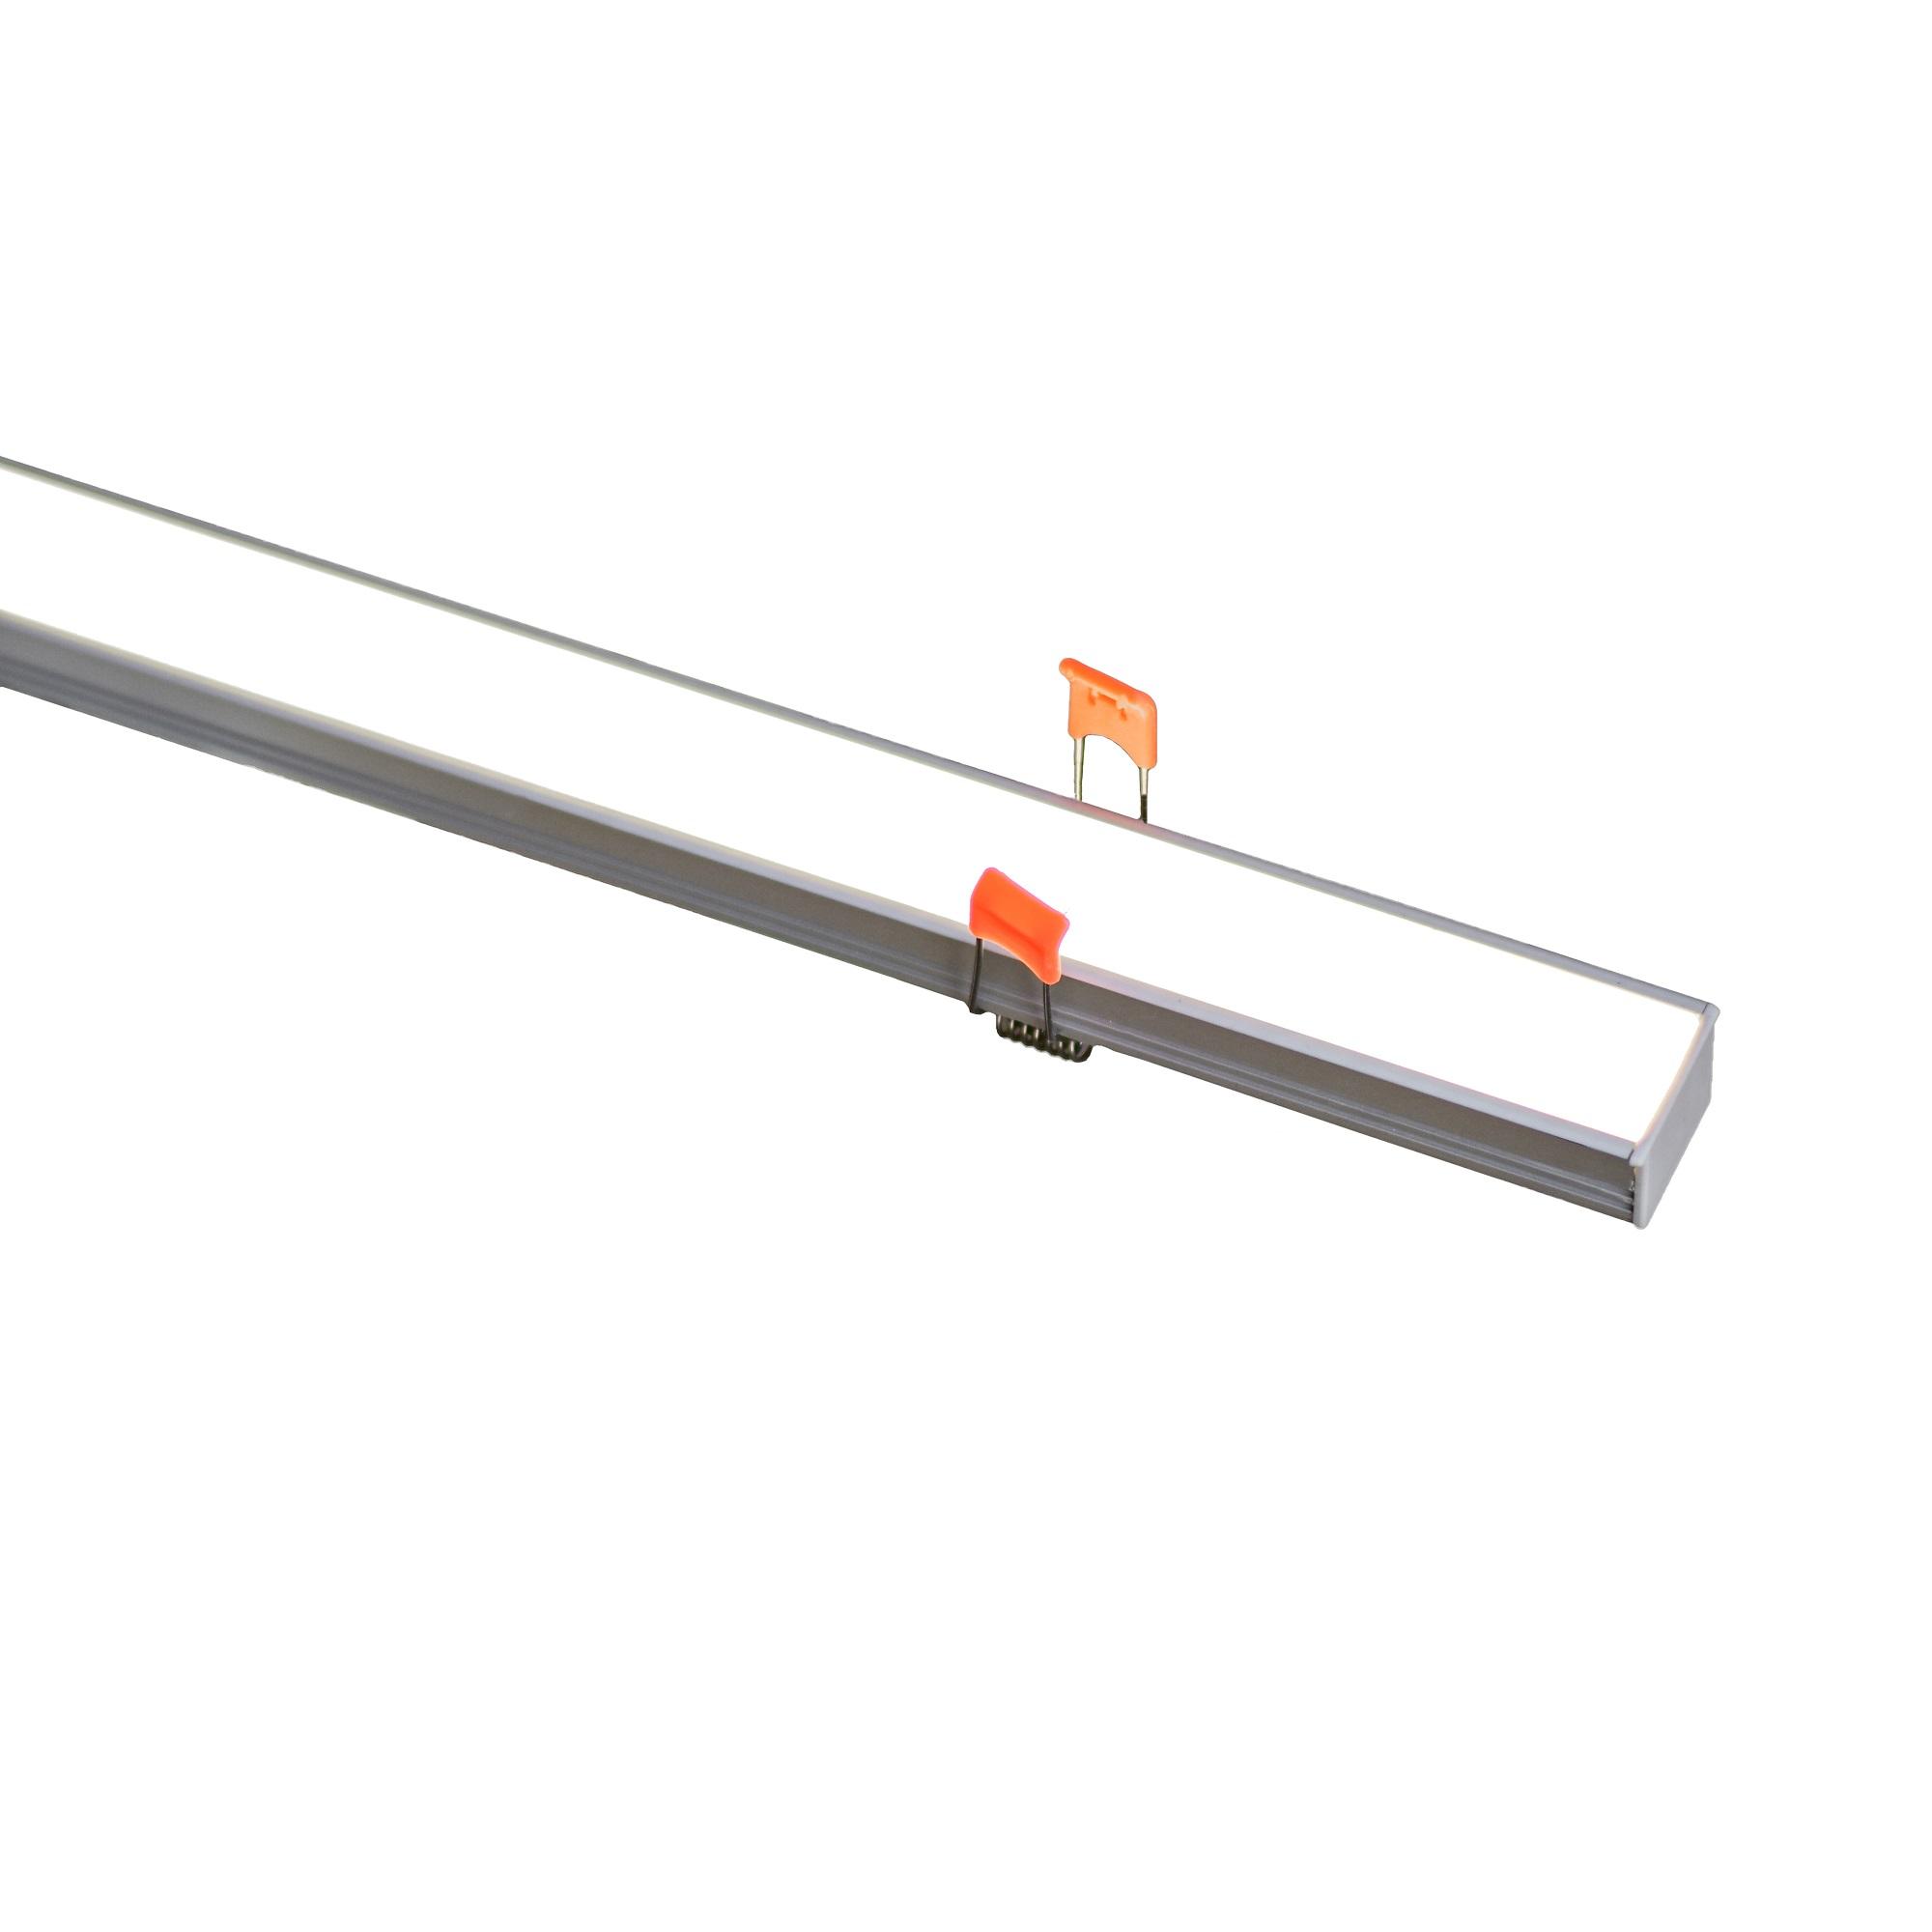 چراغ ال ای دی خطی 18 وات مدل آنیل کد S04-300